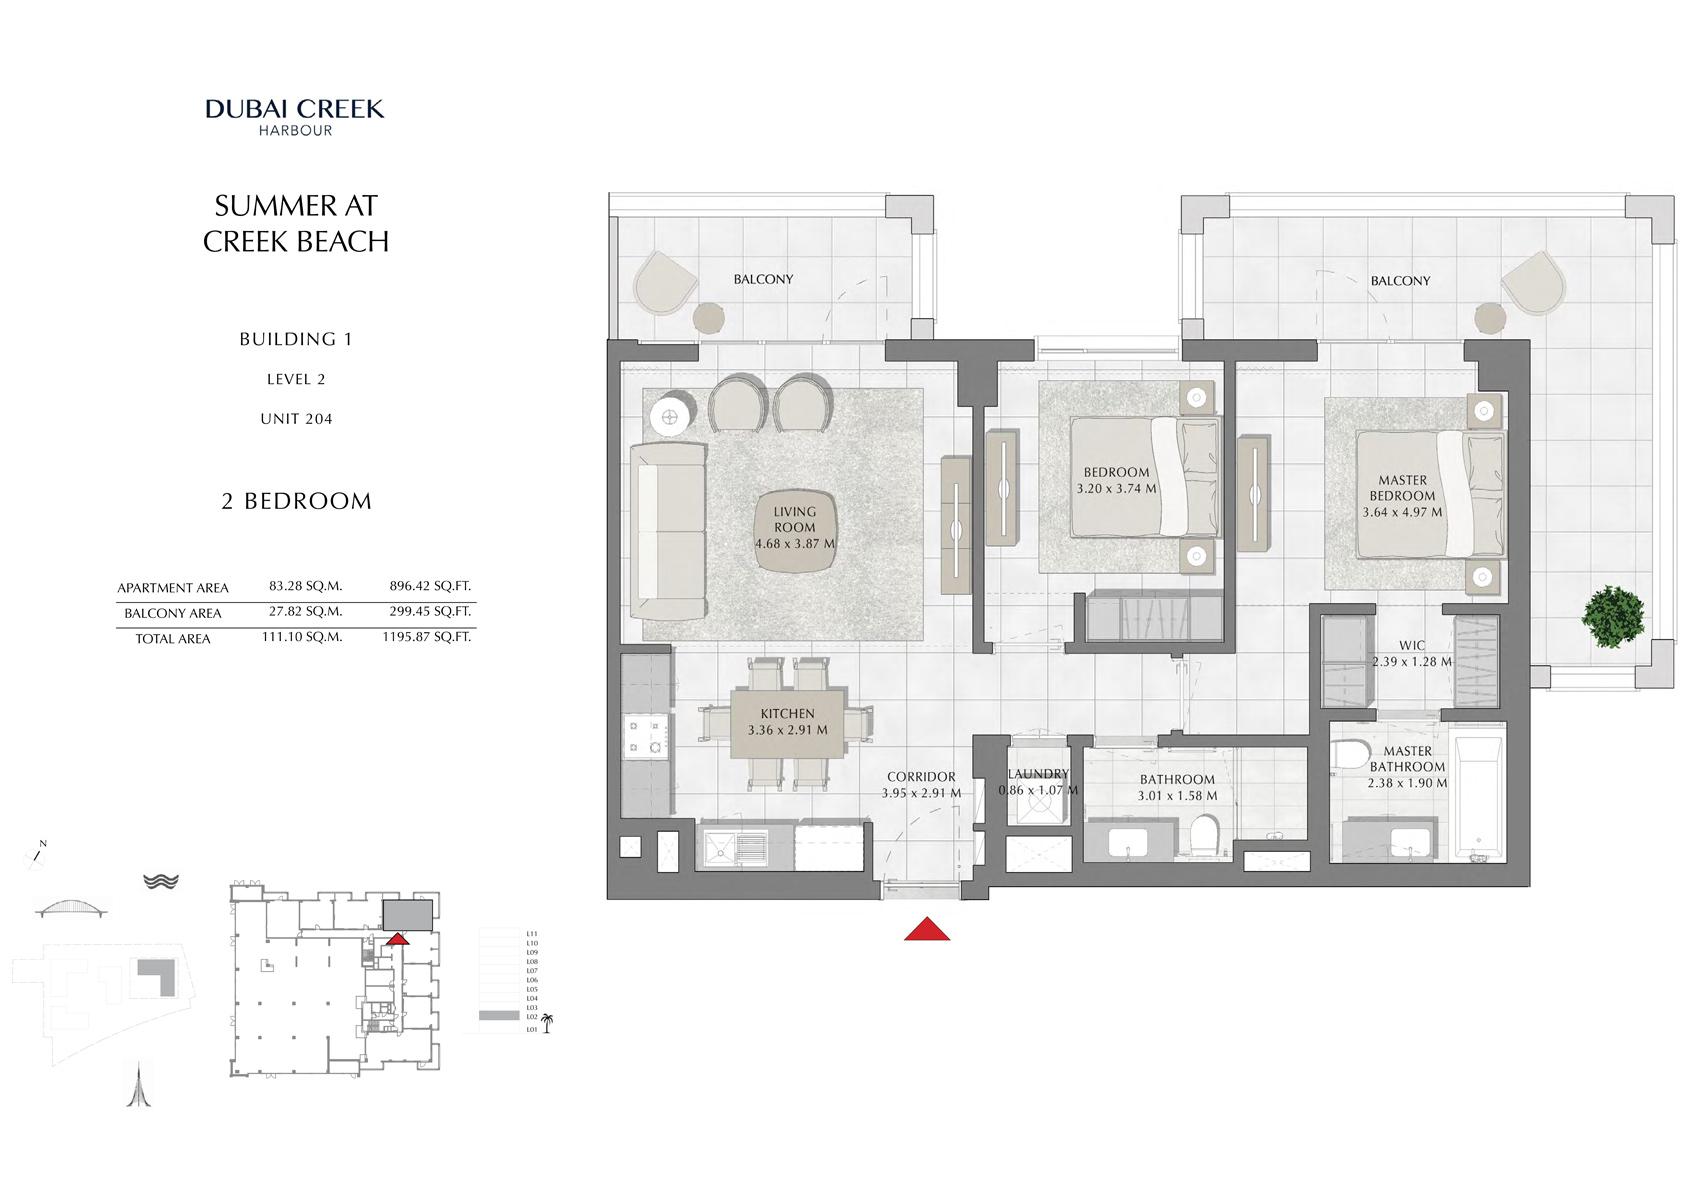 1 Br Building 1 Level 2 Unit 204, Size 1195 Sq Ft